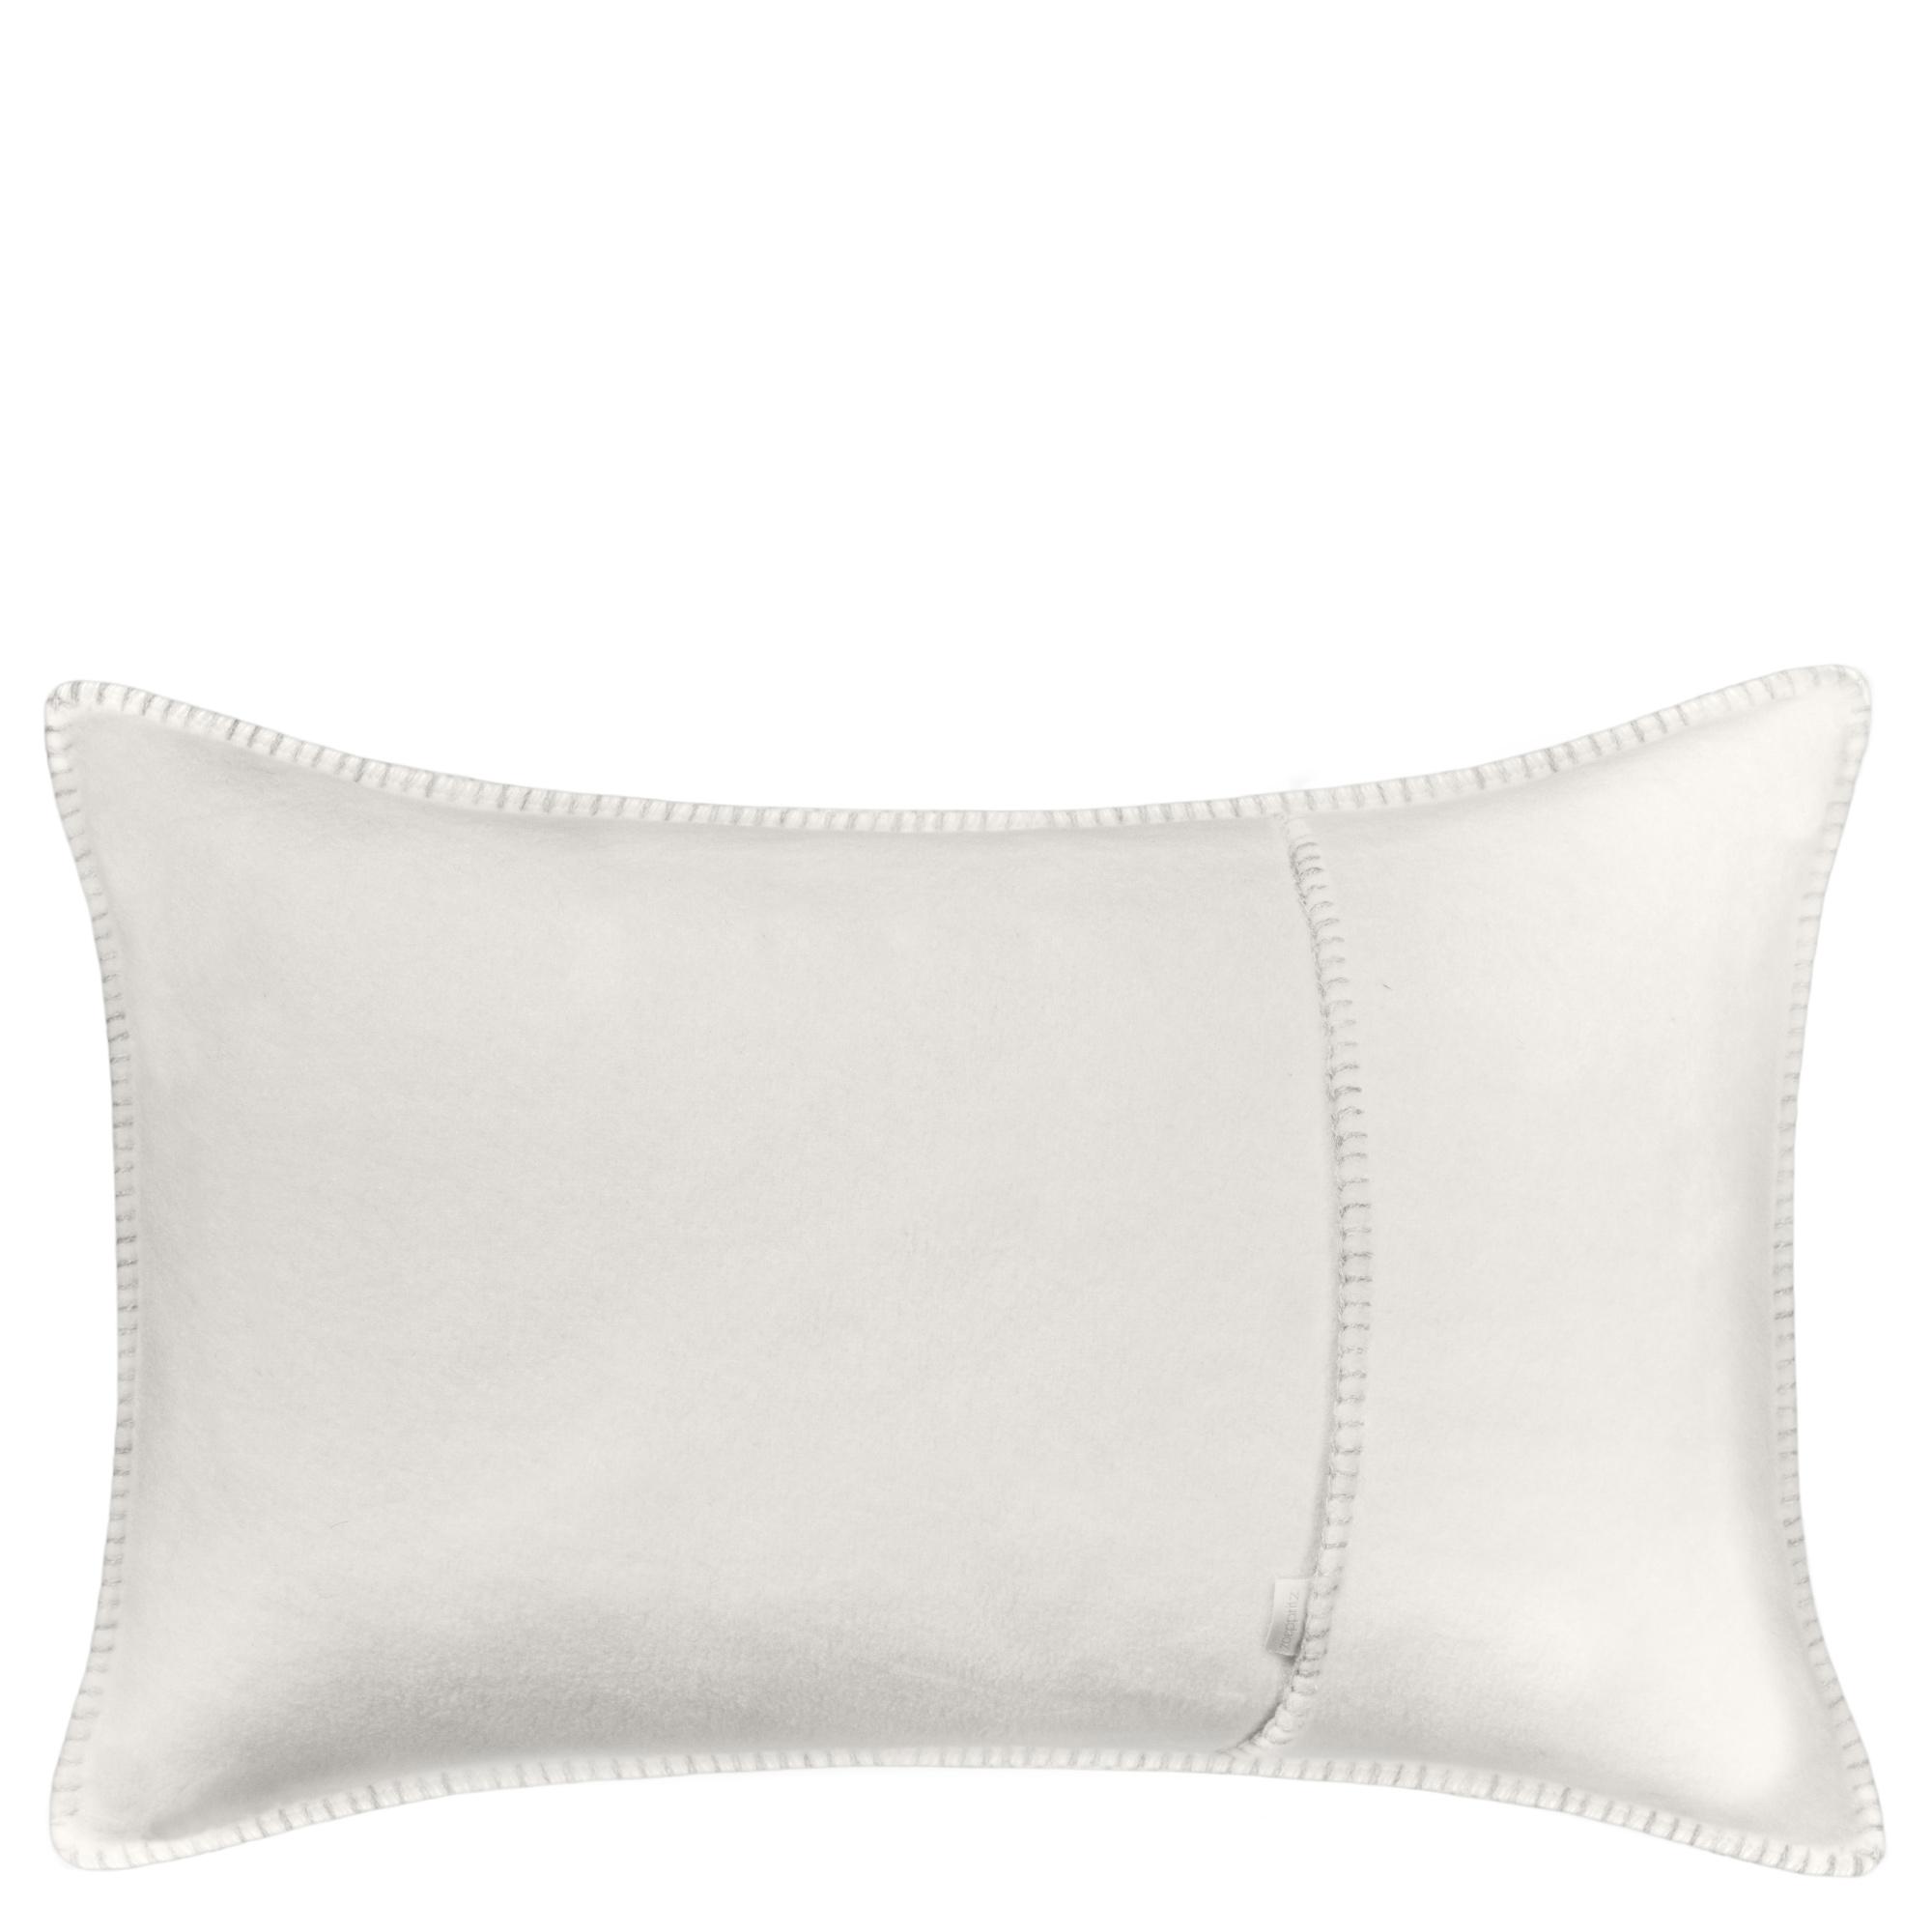 Soft Fleece Zoeppritz Since 1828